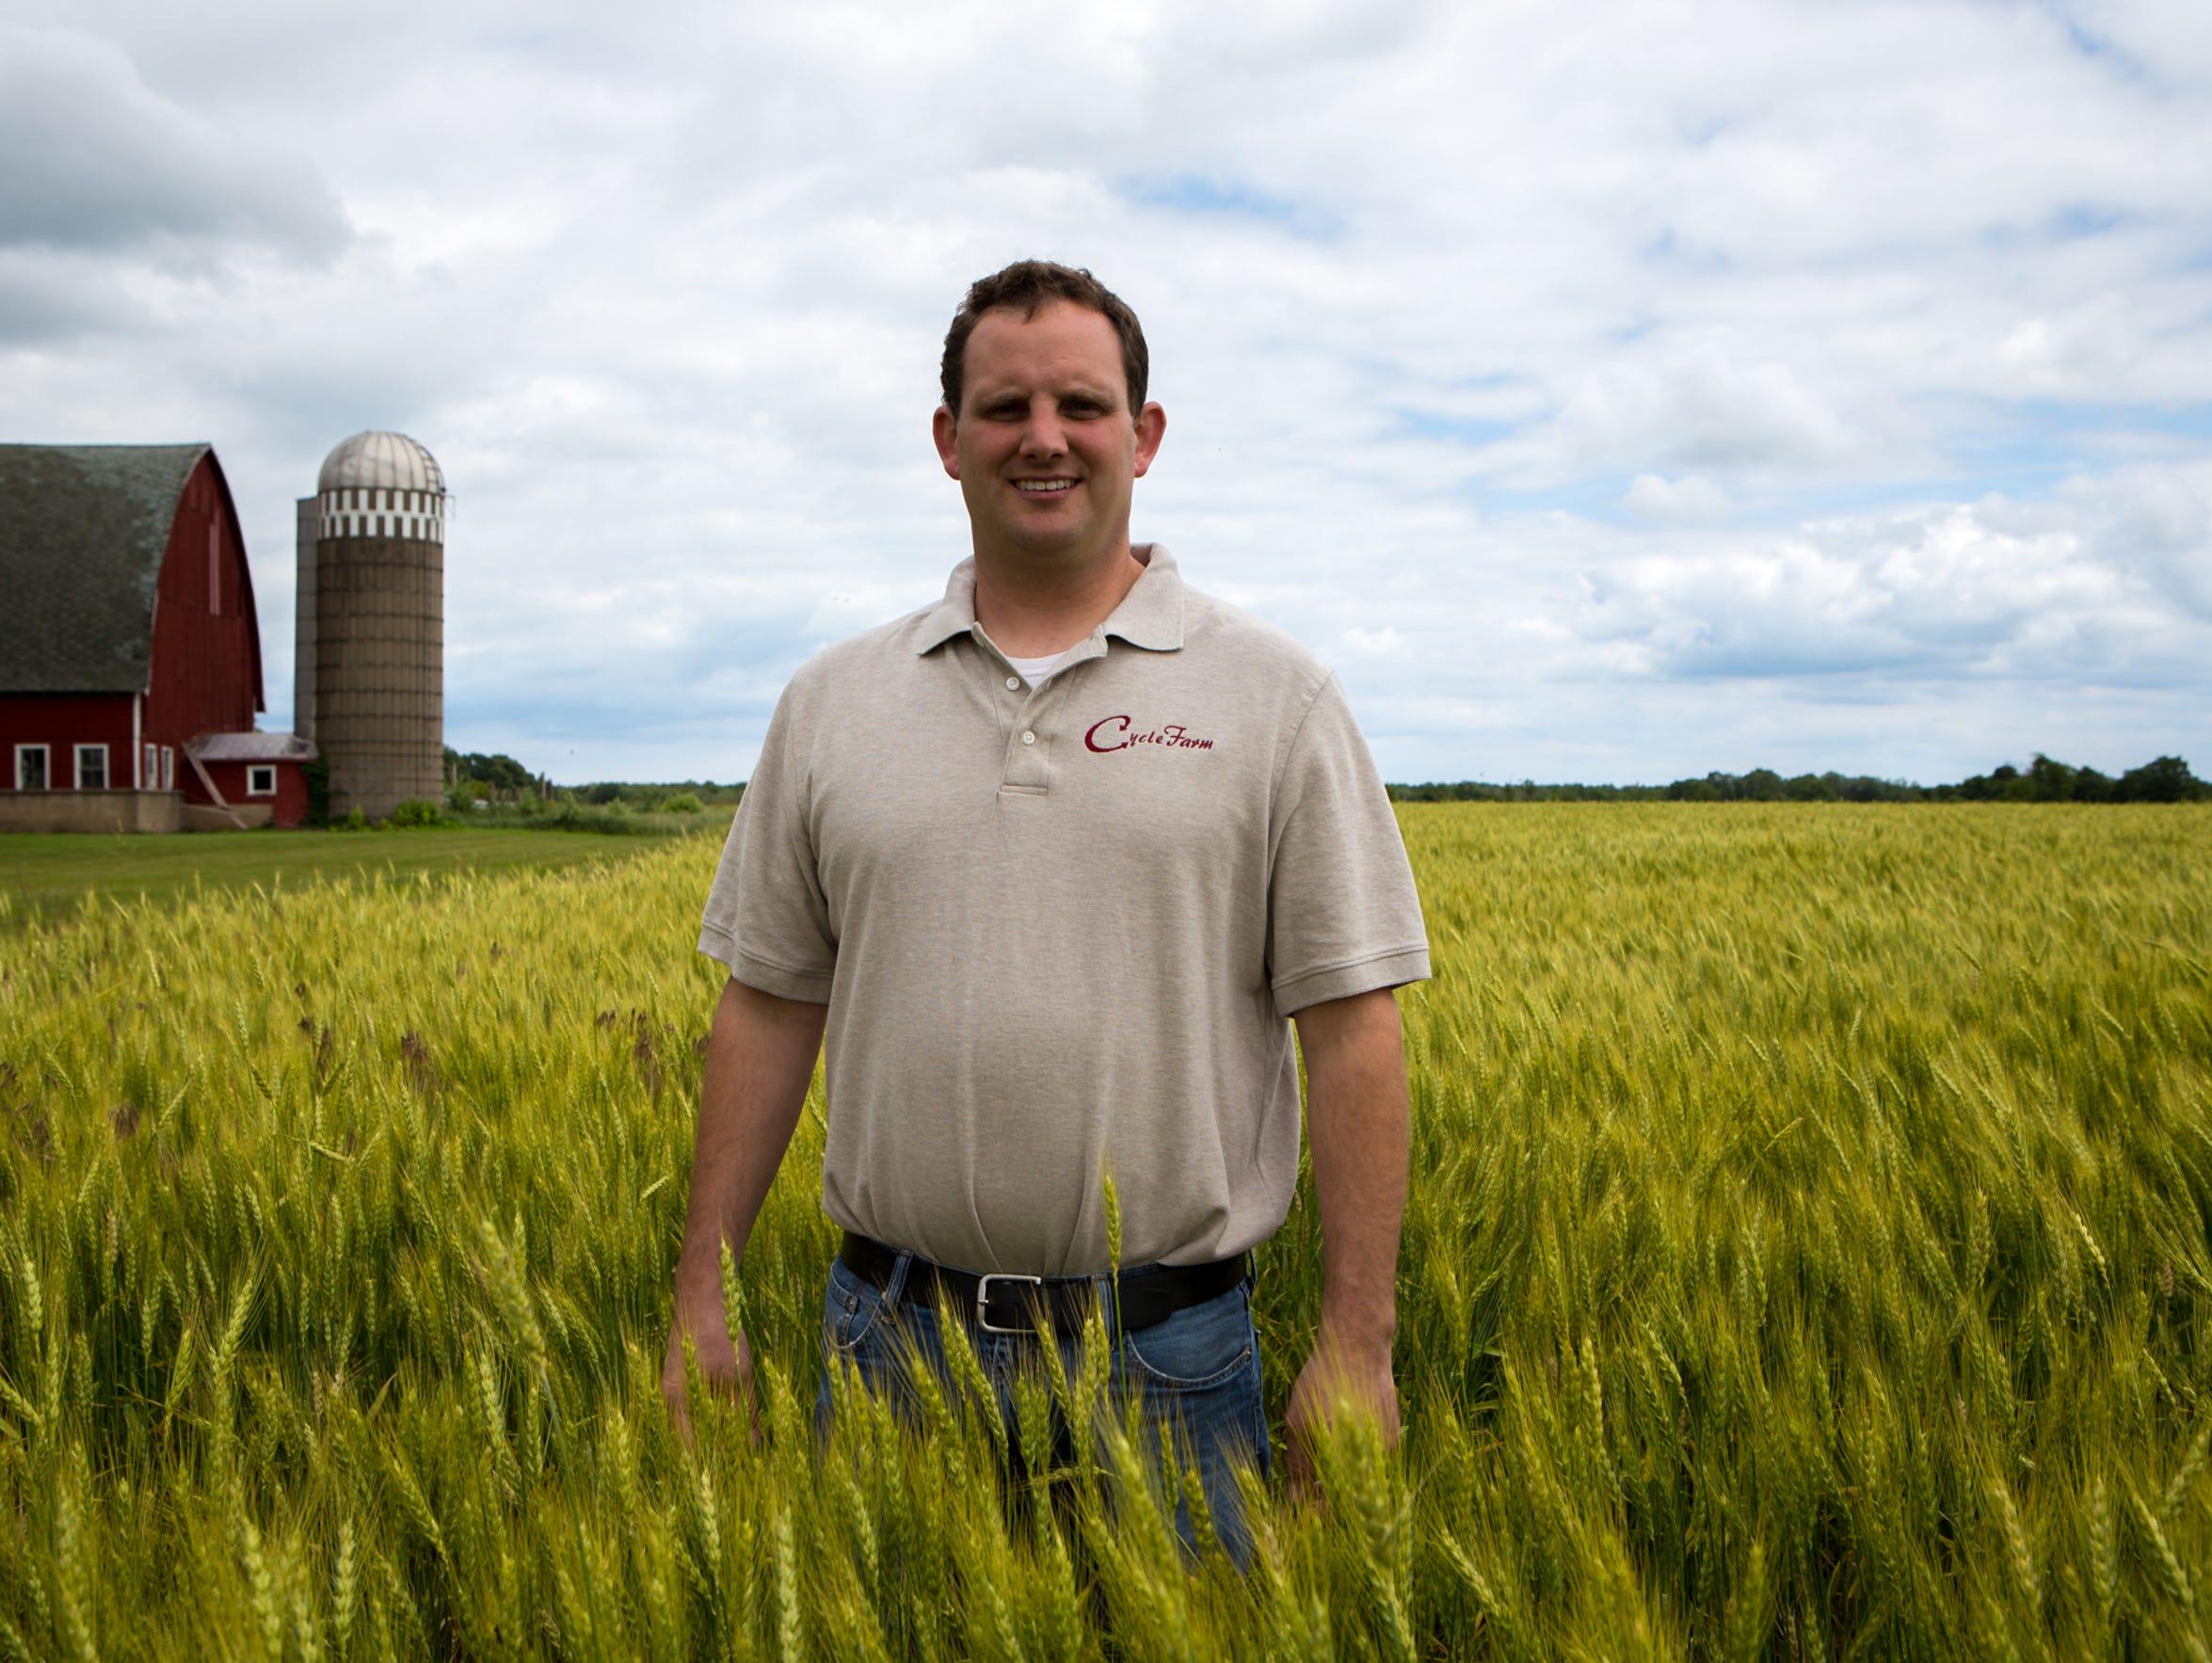 Tony Brey is a dairy farmer in Door County, Wisc.,